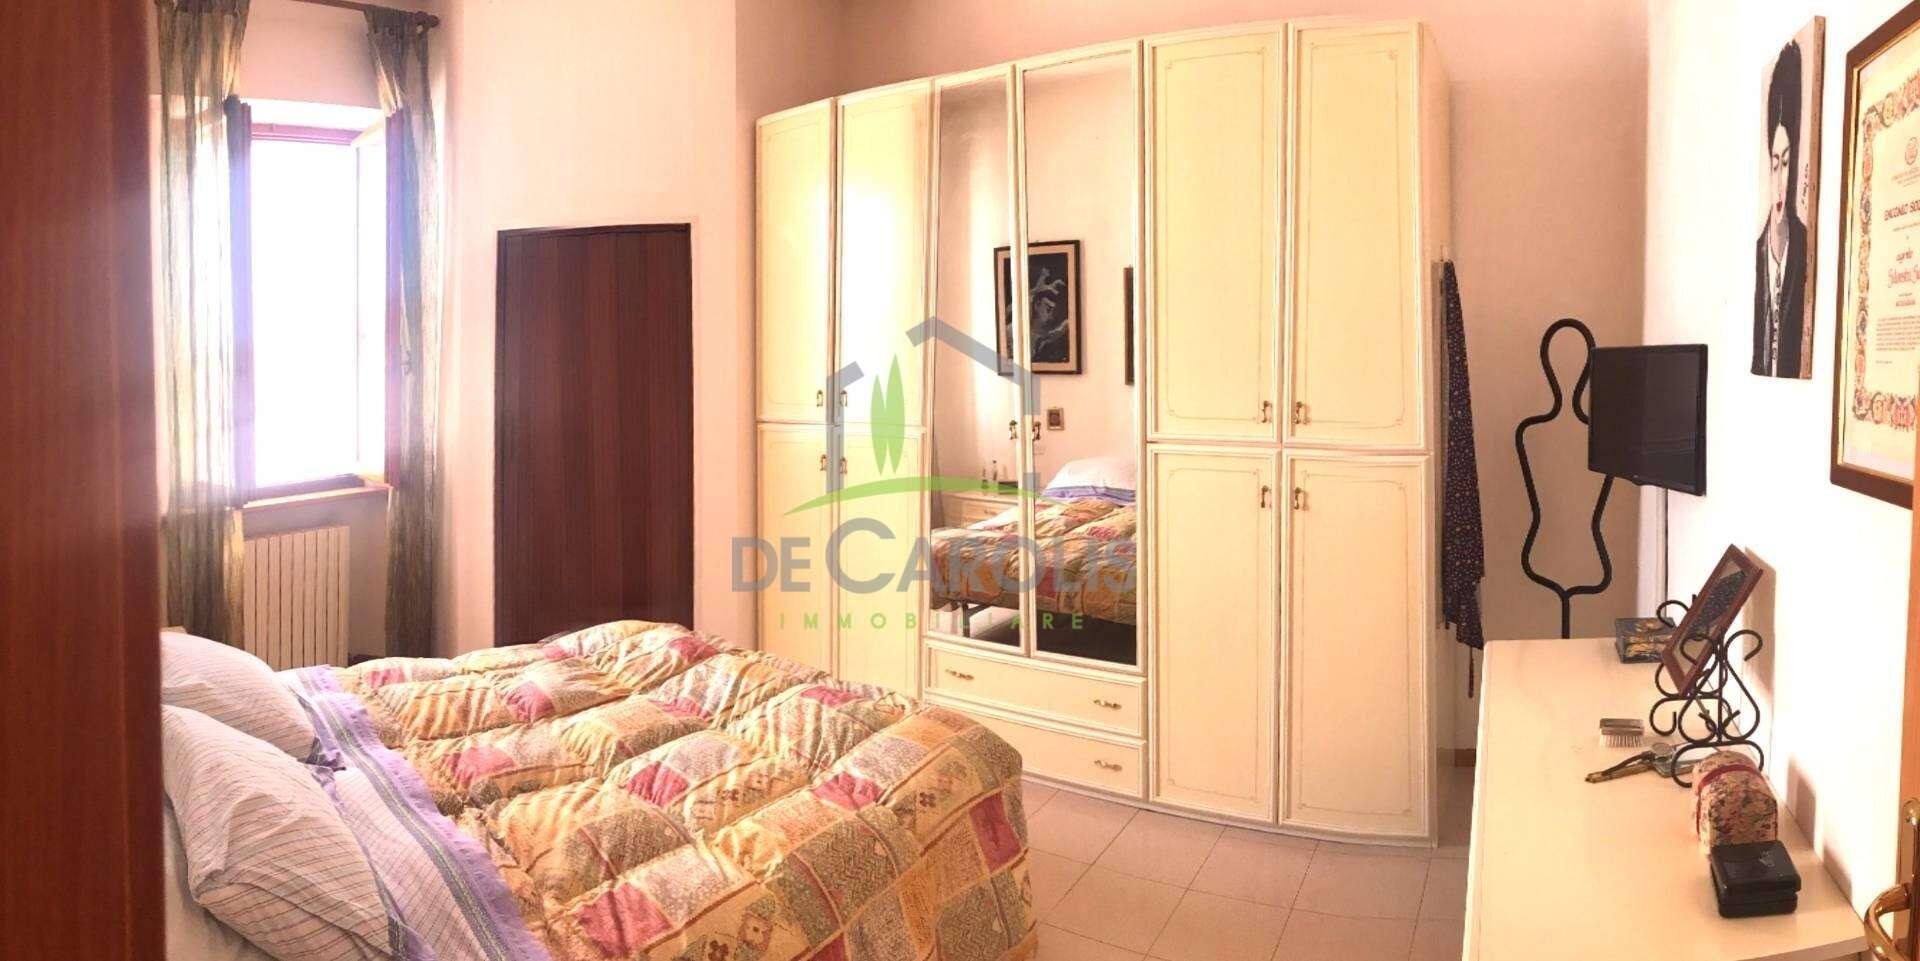 Appartamento trilocale in vendita a Ascoli Piceno Centro ...